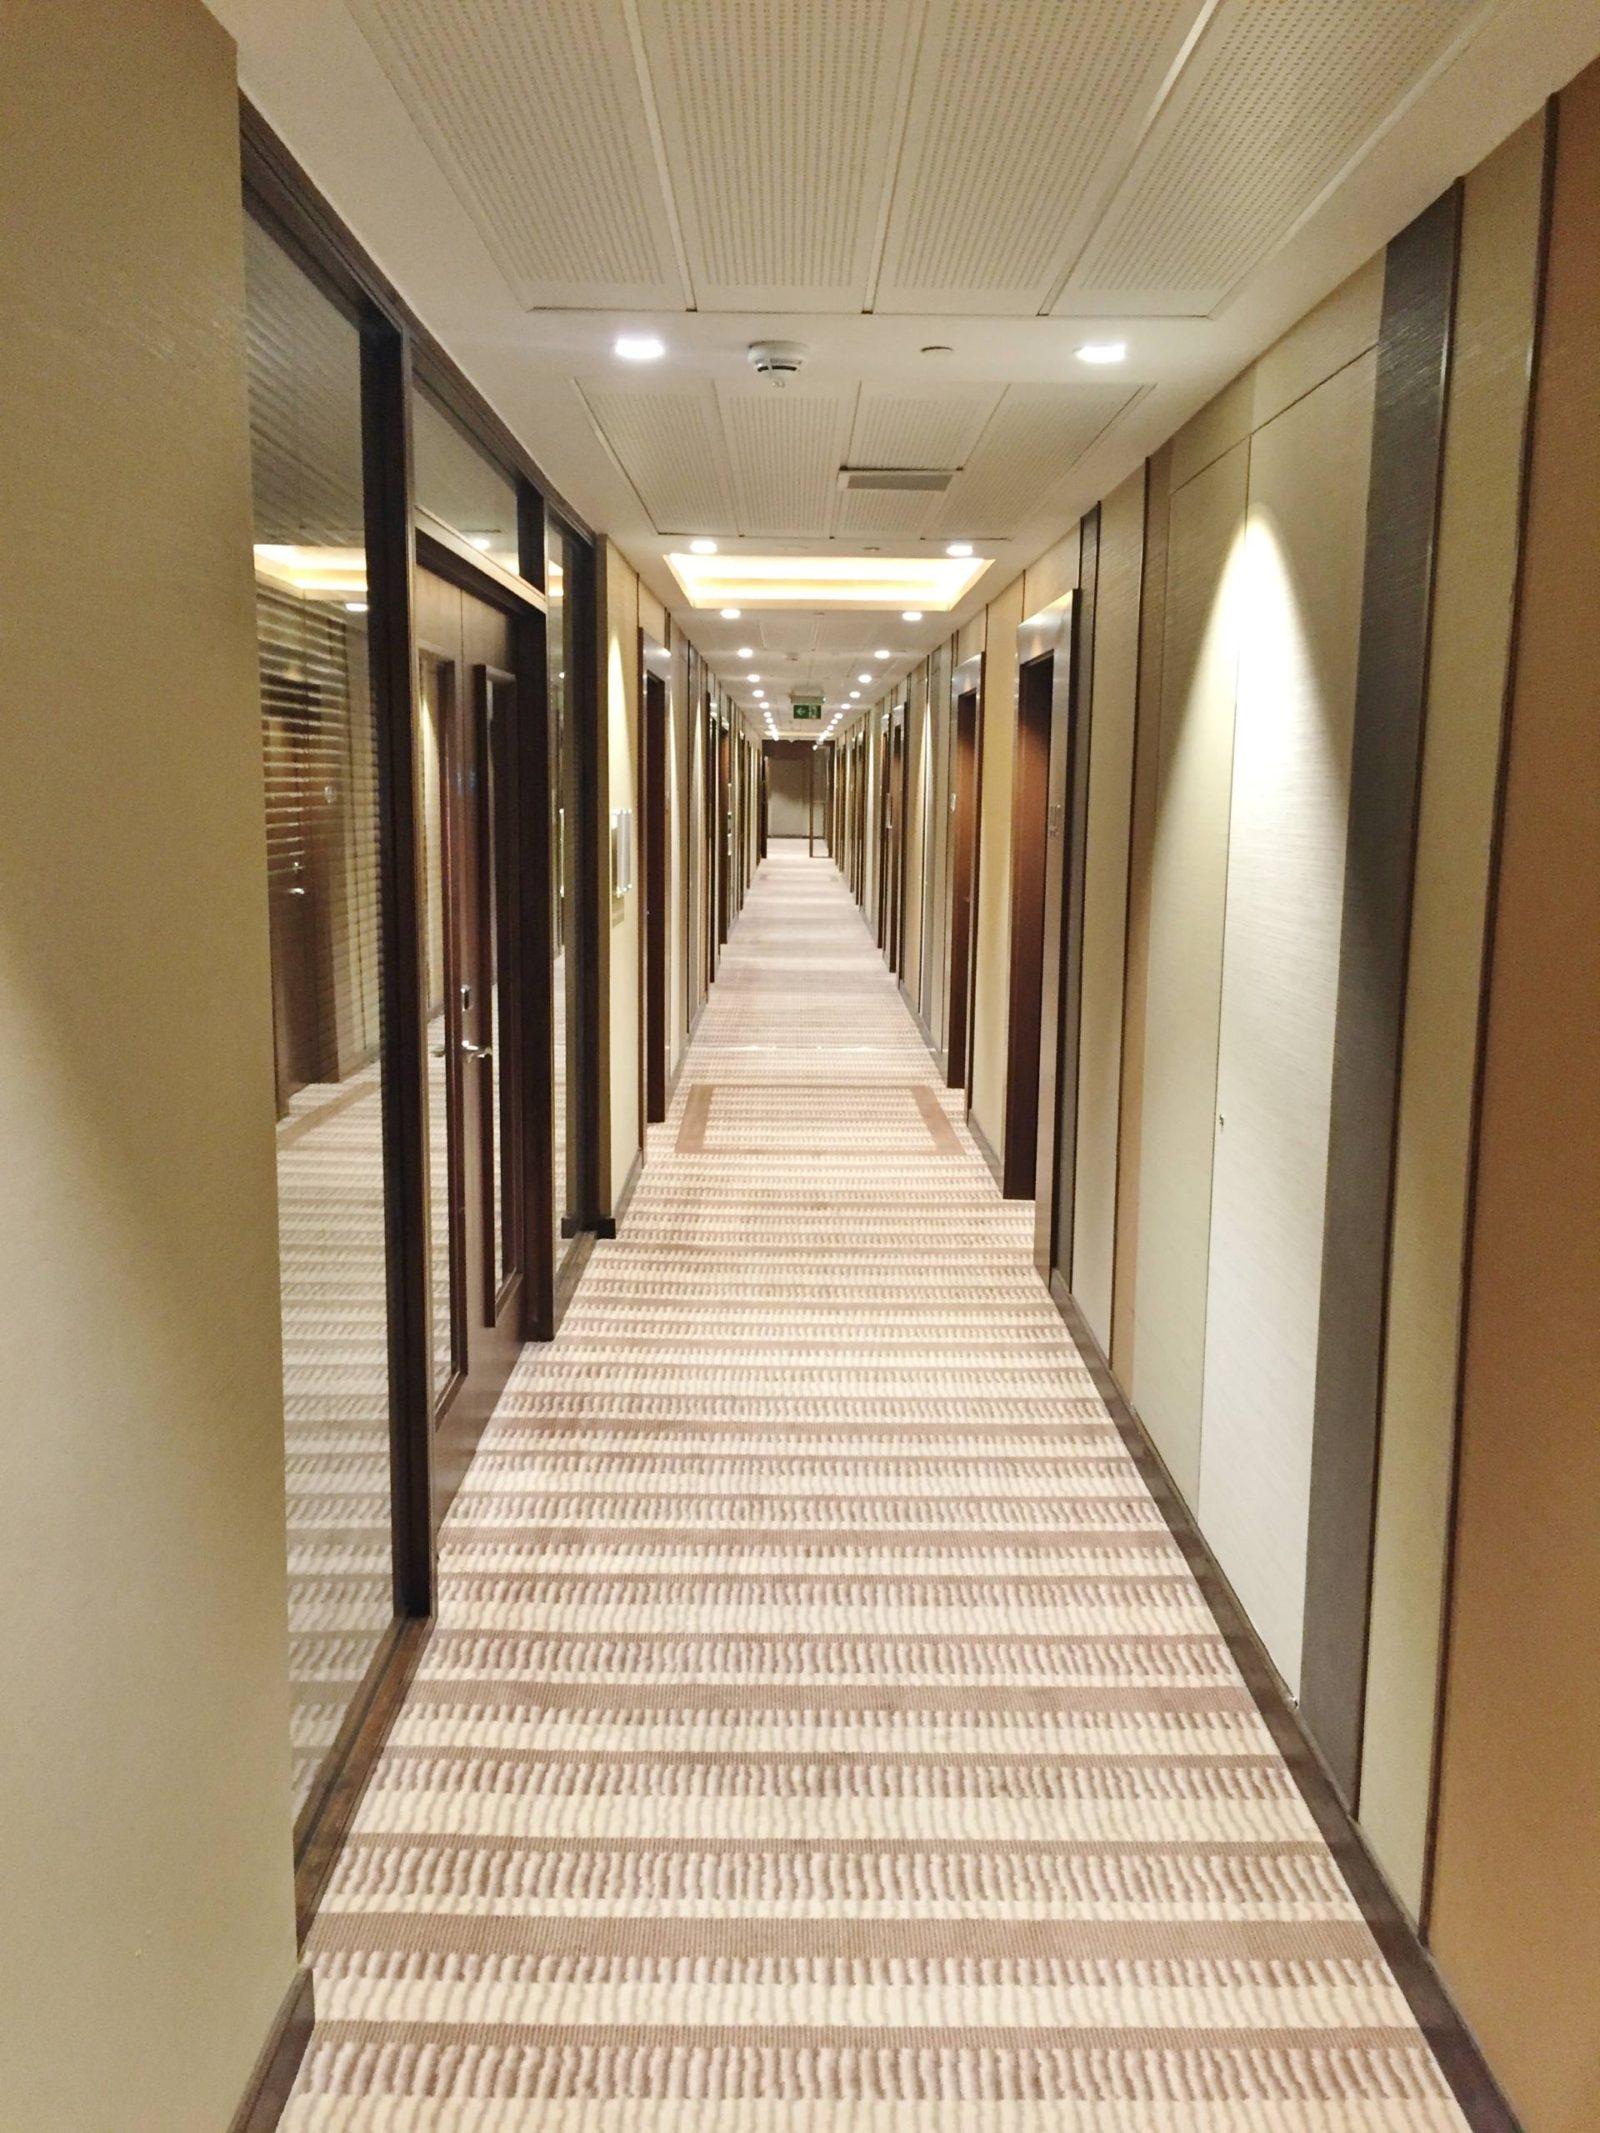 Genting Hotel Corridoor